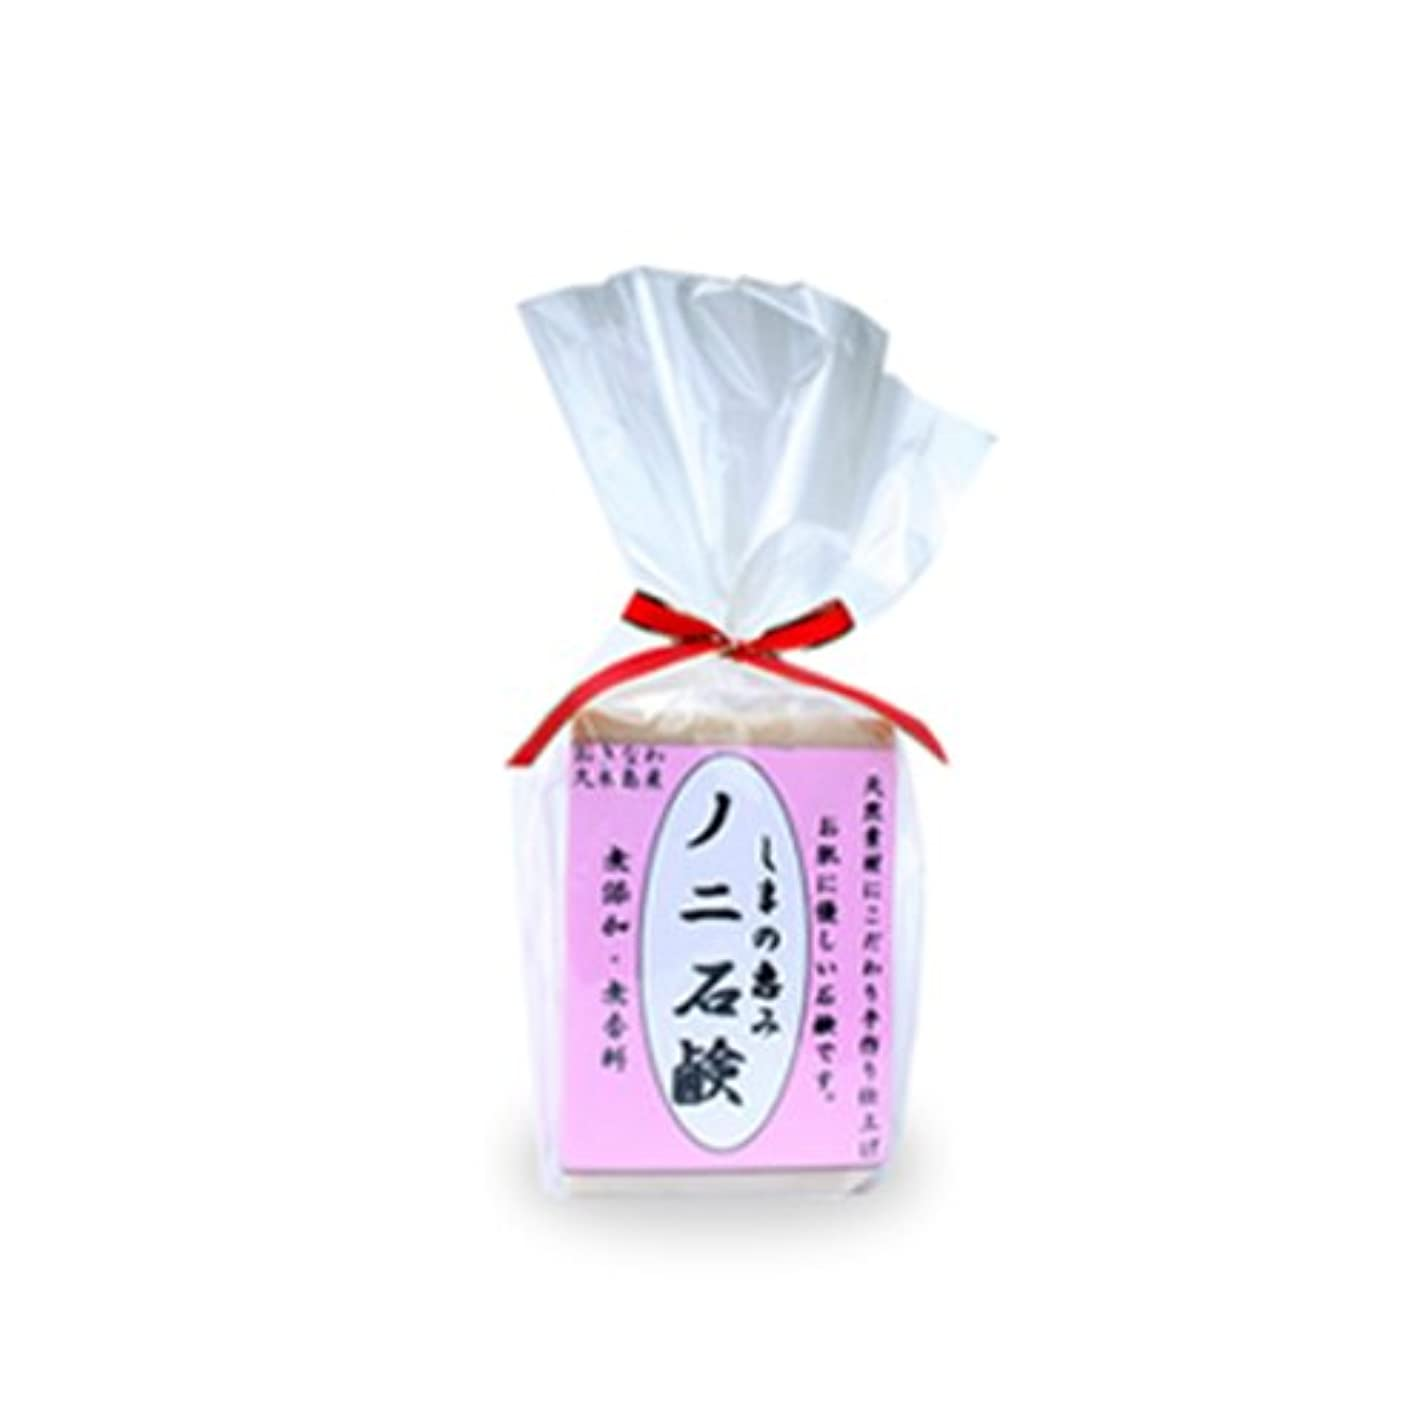 コンチネンタルクッション欲求不満ノ二石鹸×3個 久米島物産販売 沖縄の海洋深層水ミネラルとノニを配合した無添加ソープ